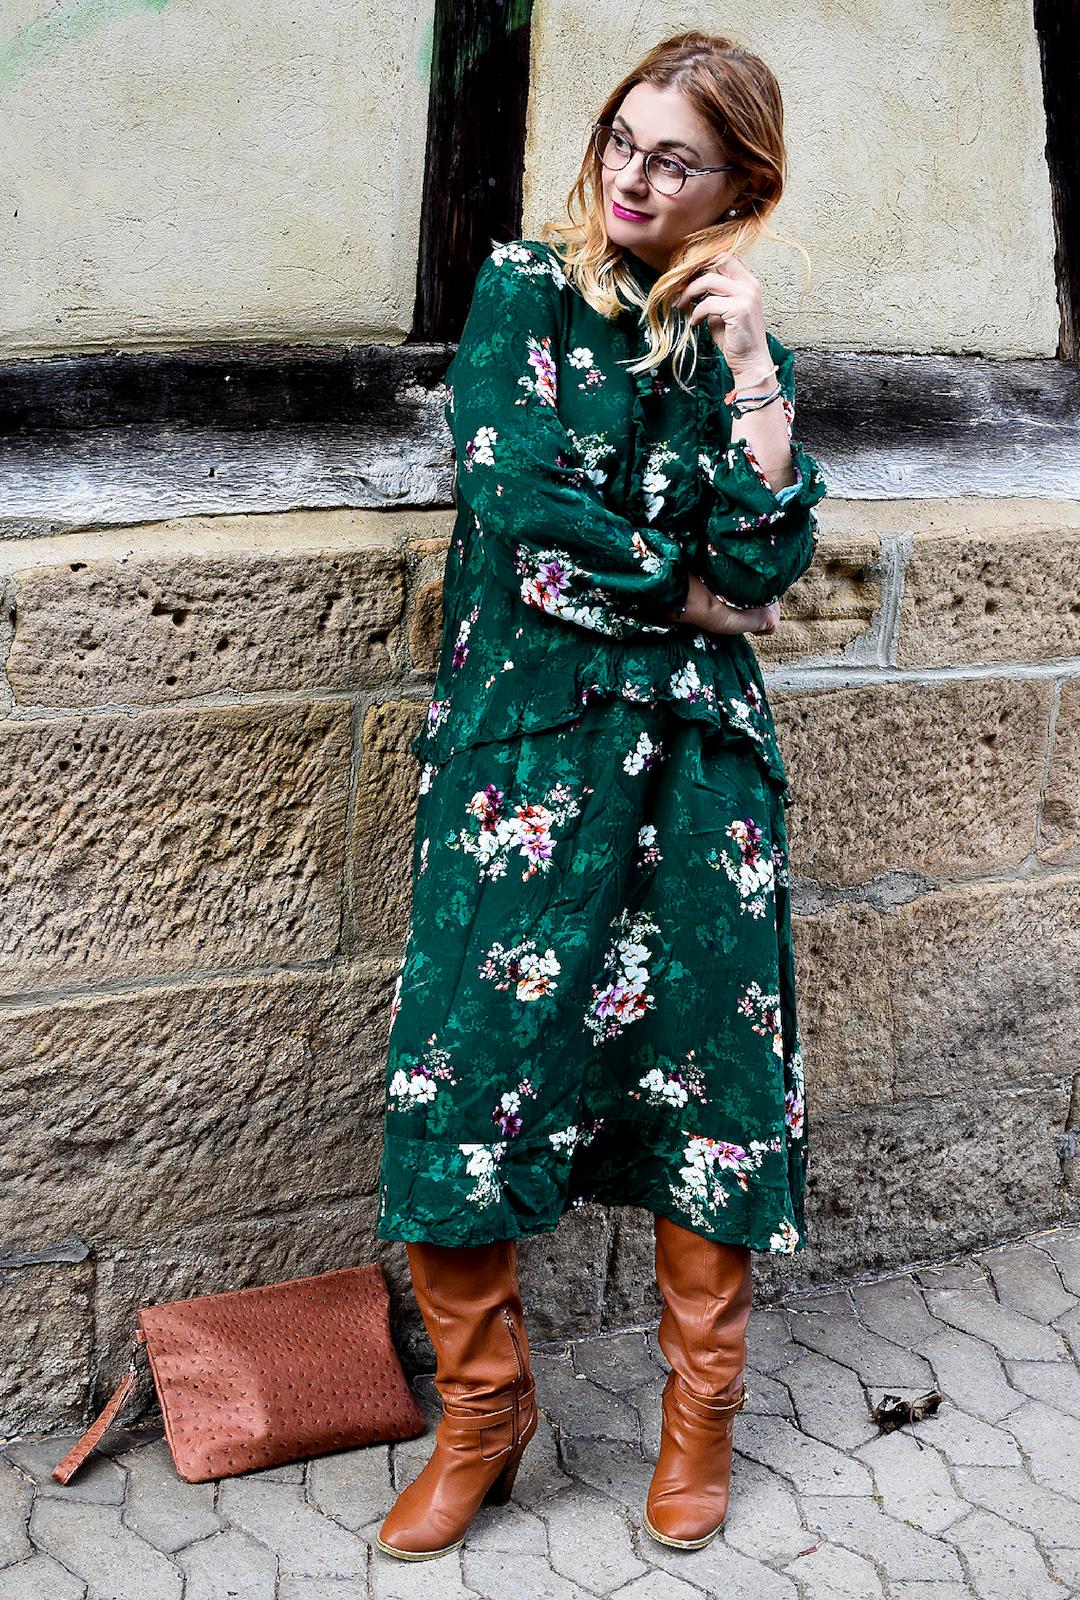 Braune Stiefel und Kleid in Grün, wie kombiniere ich Grün